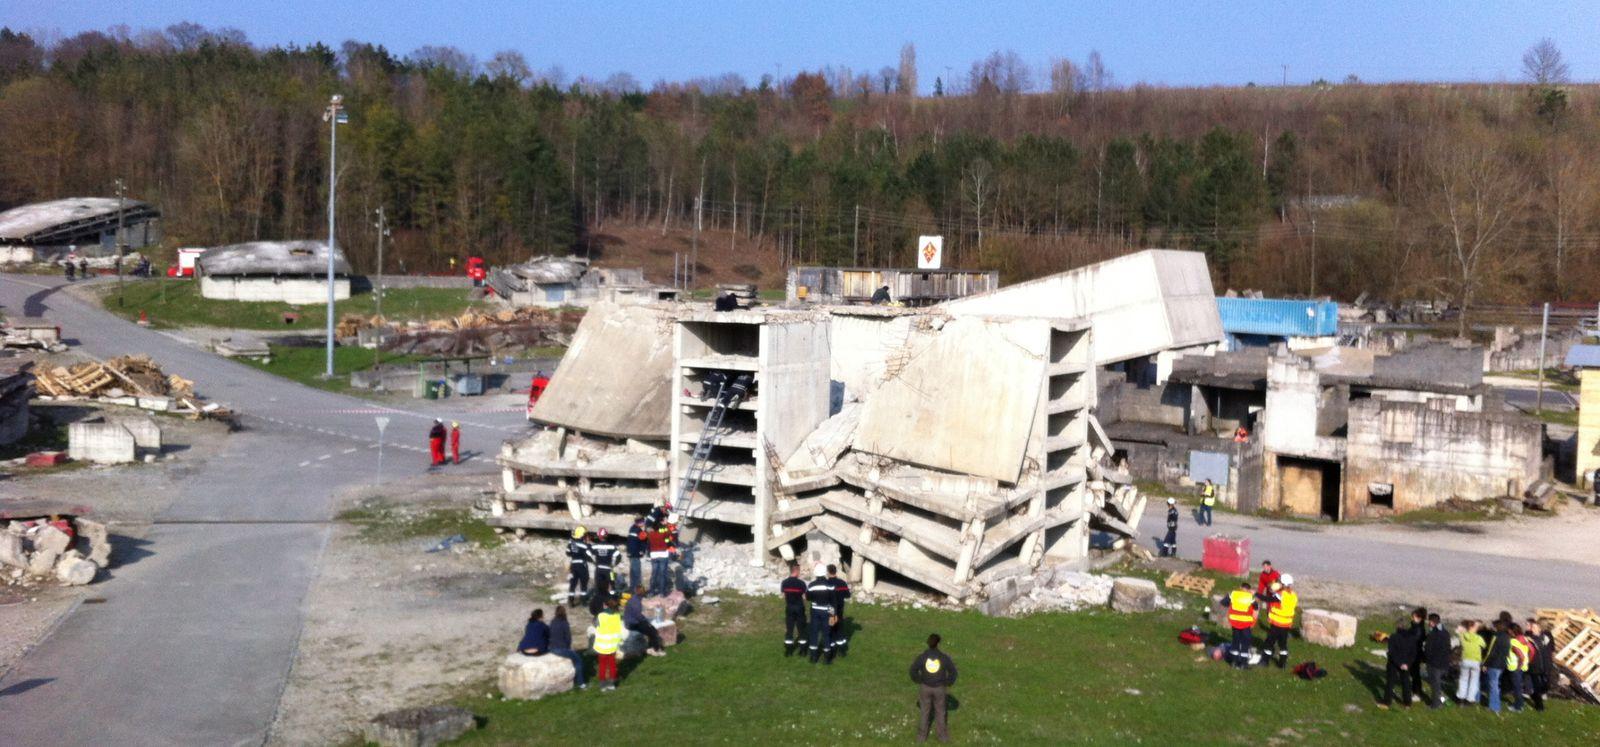 Plusieurs milliers de mètres carrés de bâtiments effondrés... Avec la sensation inédite de ce que peuvent ressentir des victimes ensevelies sous des décombres !...